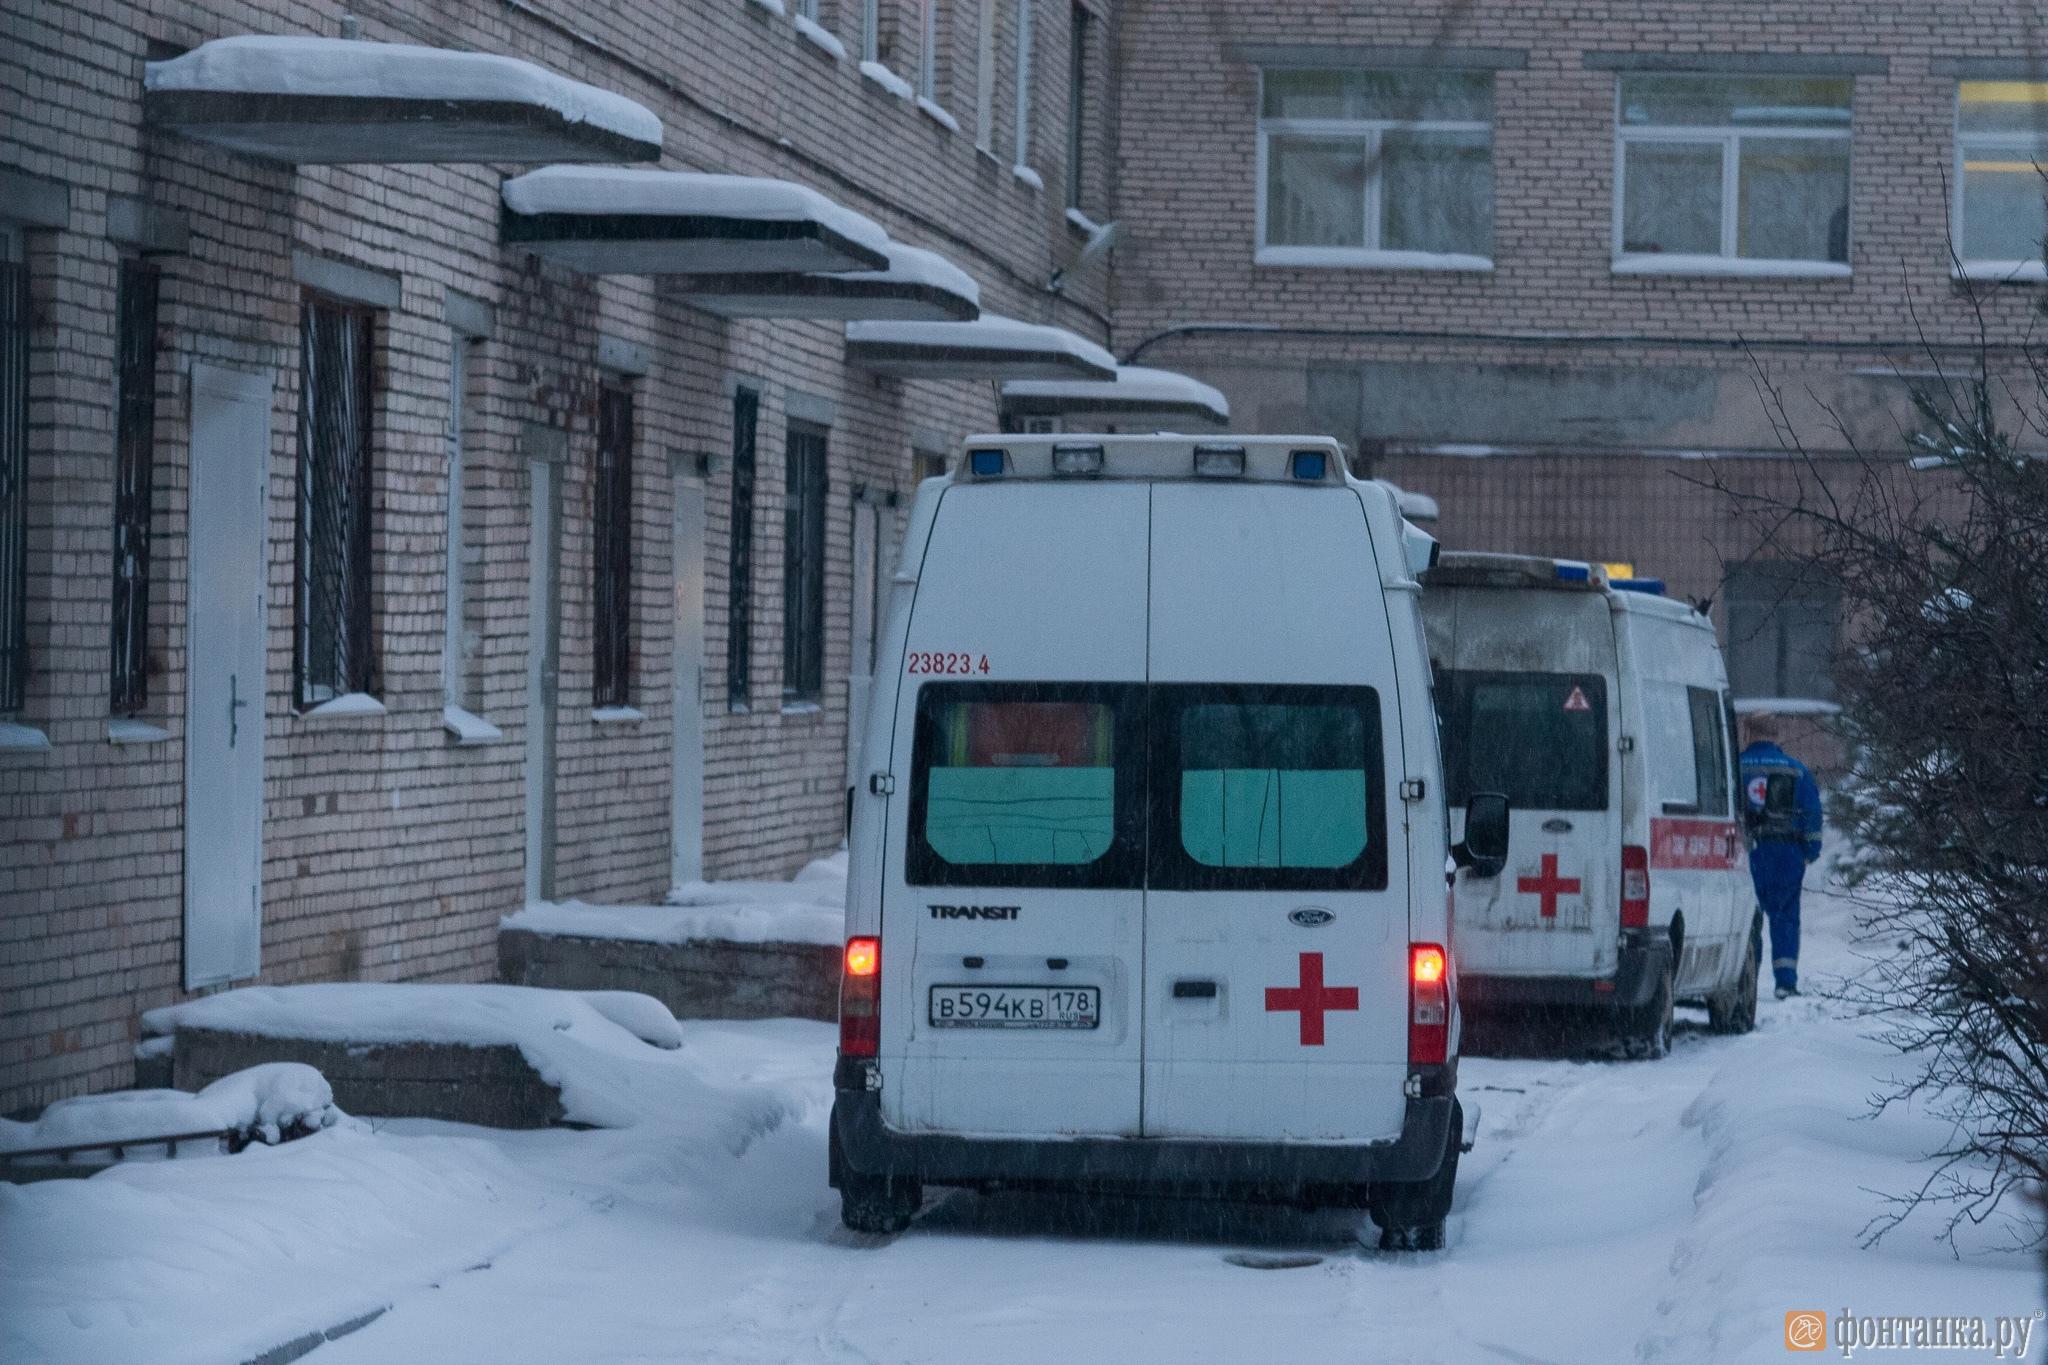 Детская Городская больница № 4 Святой Ольги (Выборгский район)